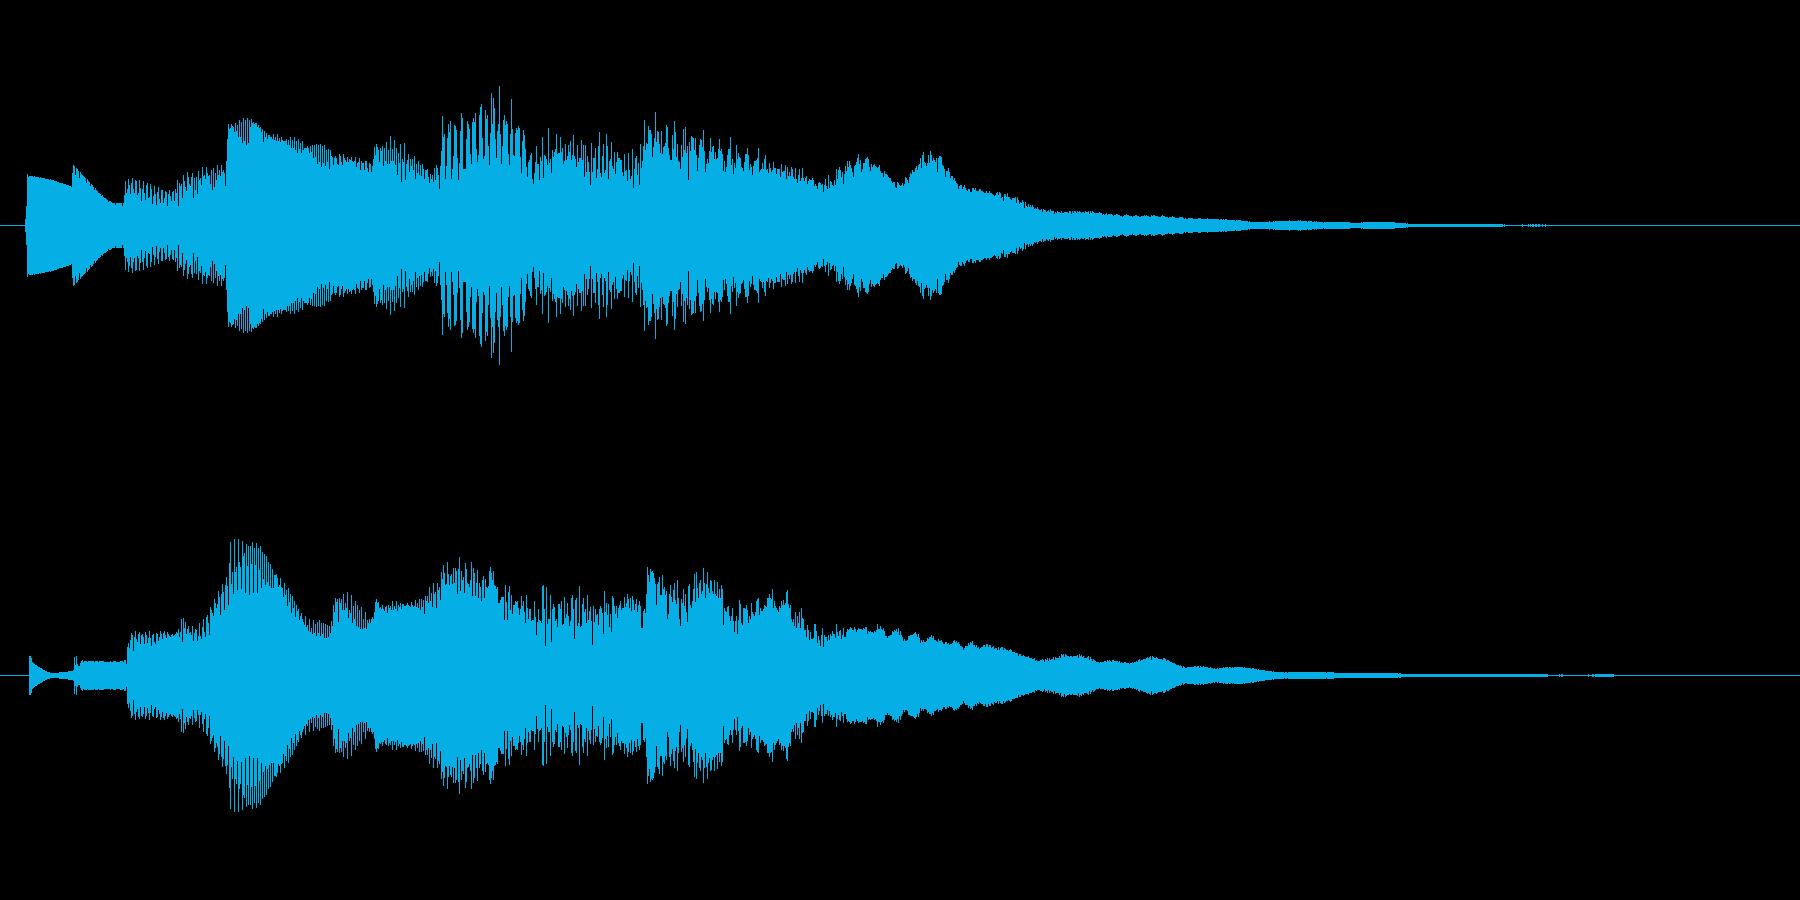 眠気を誘う心地よいサウンドロゴの再生済みの波形